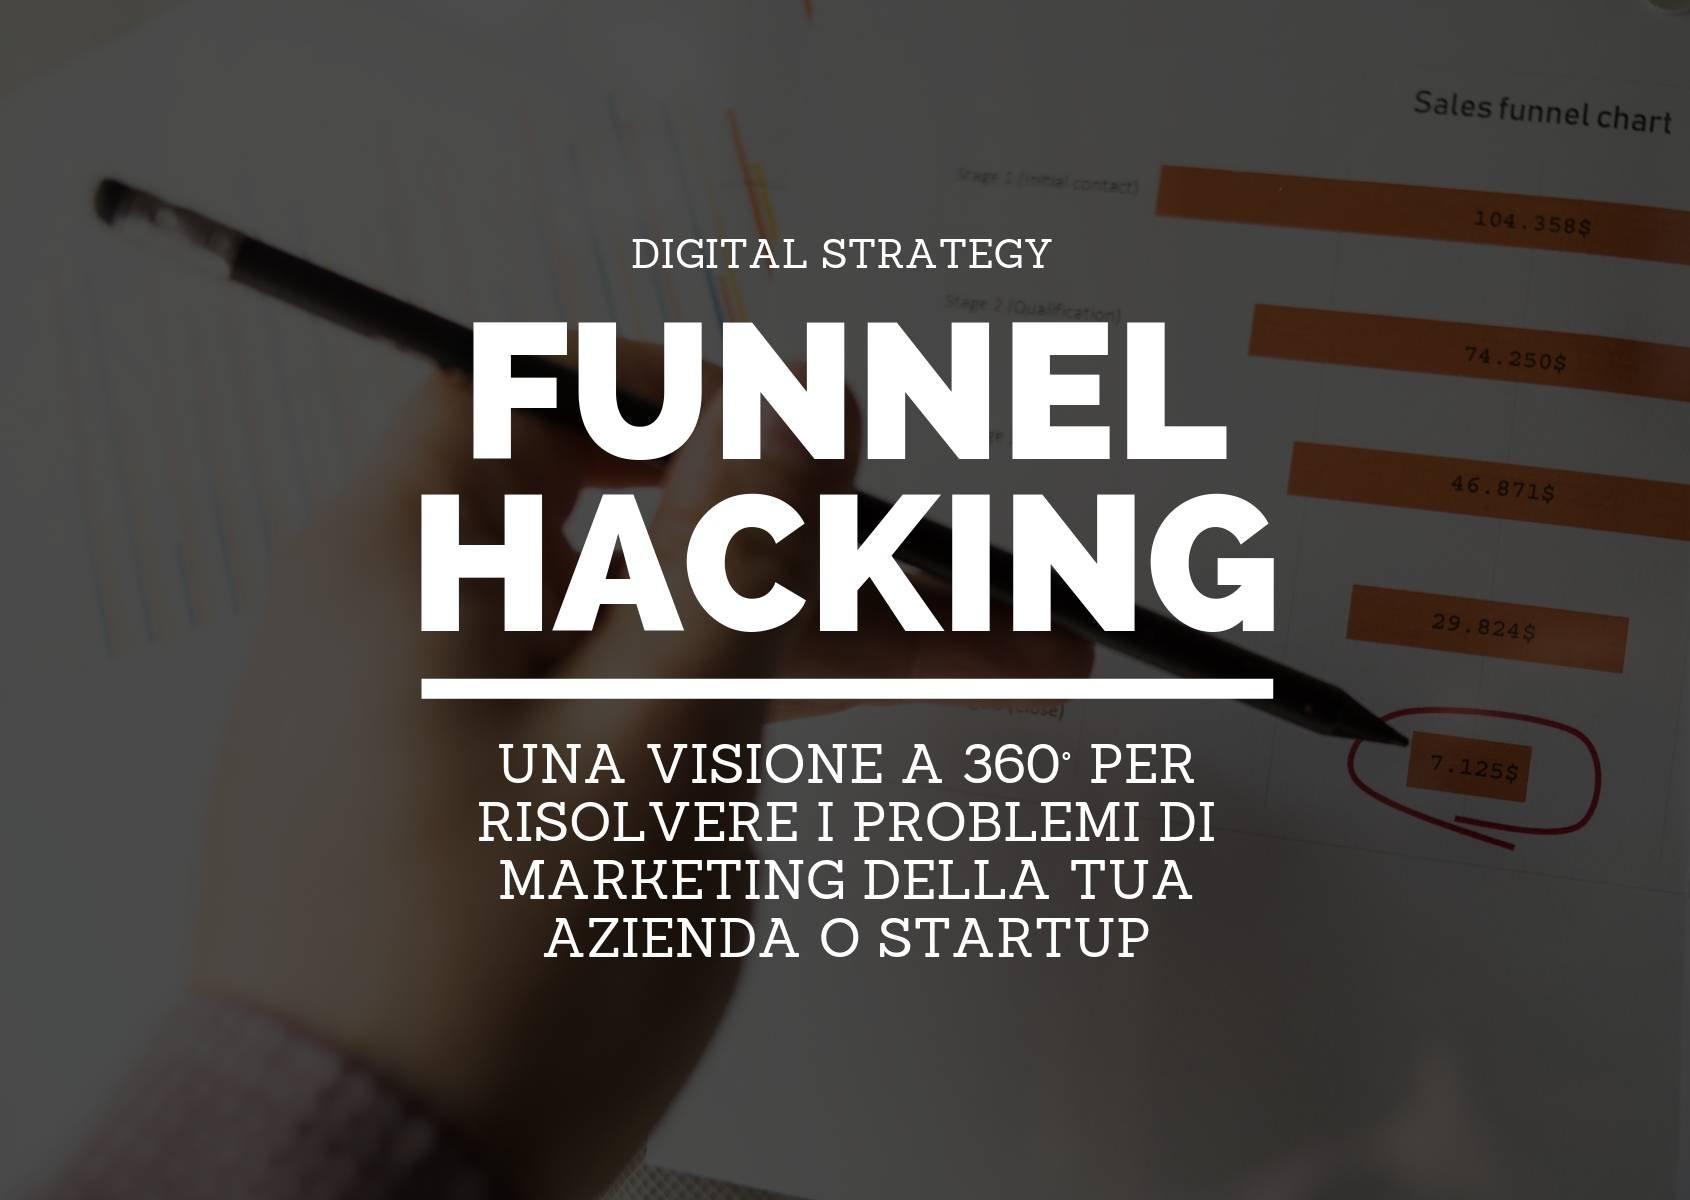 Funnel hacking: una visione a 360° per risolvere i problemi di marketing della tua azienda o startup